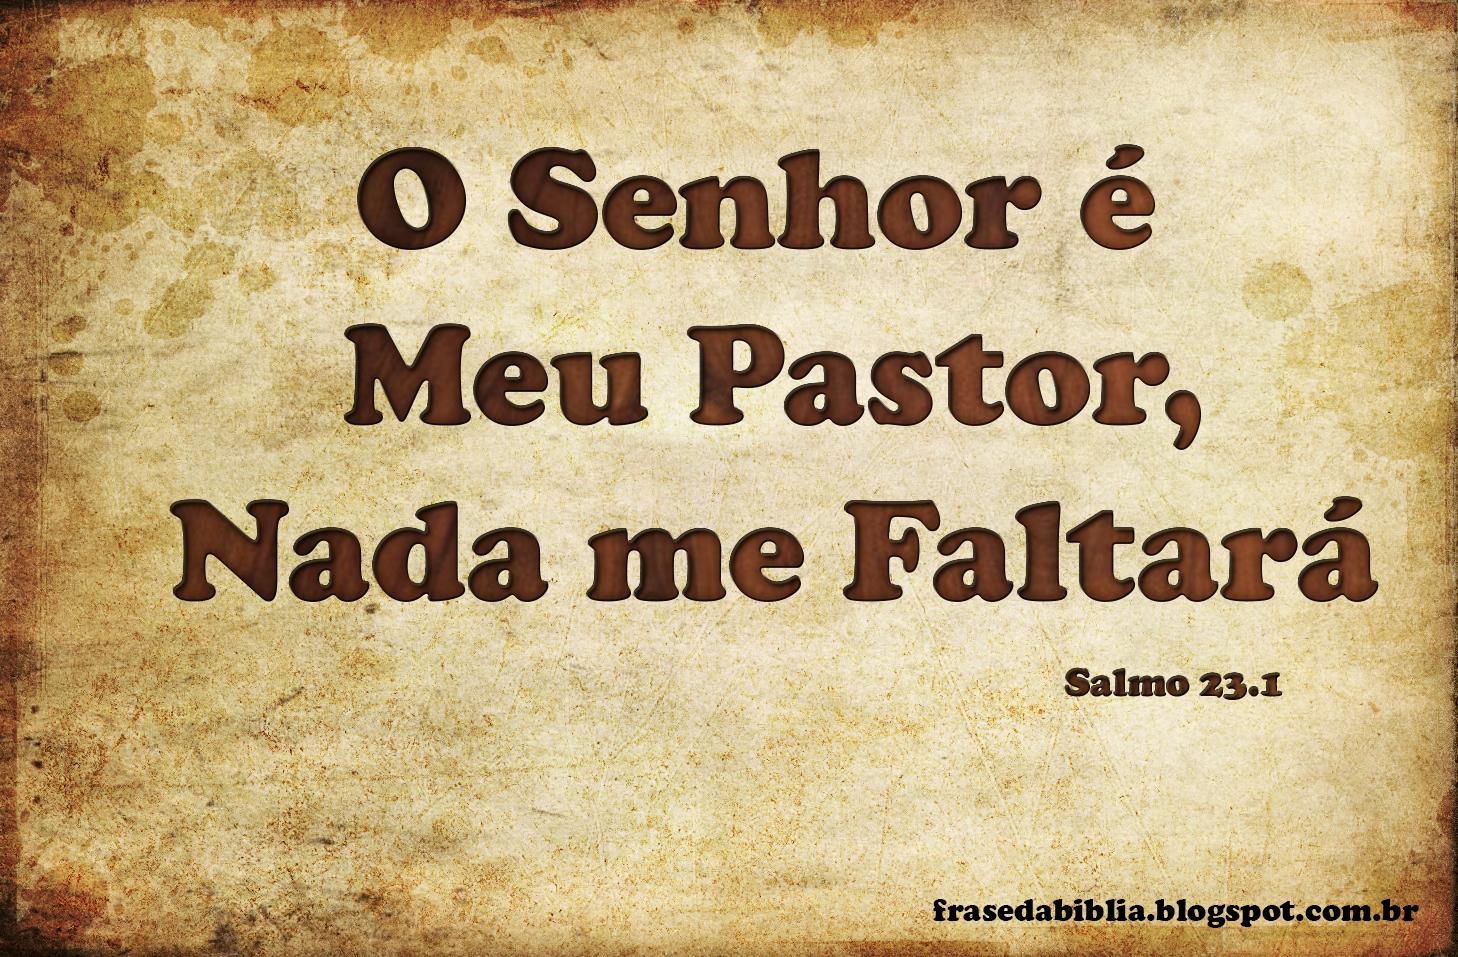 Frases Da Bíblia O Senhor é Meu Pastor Nada Me Faltará